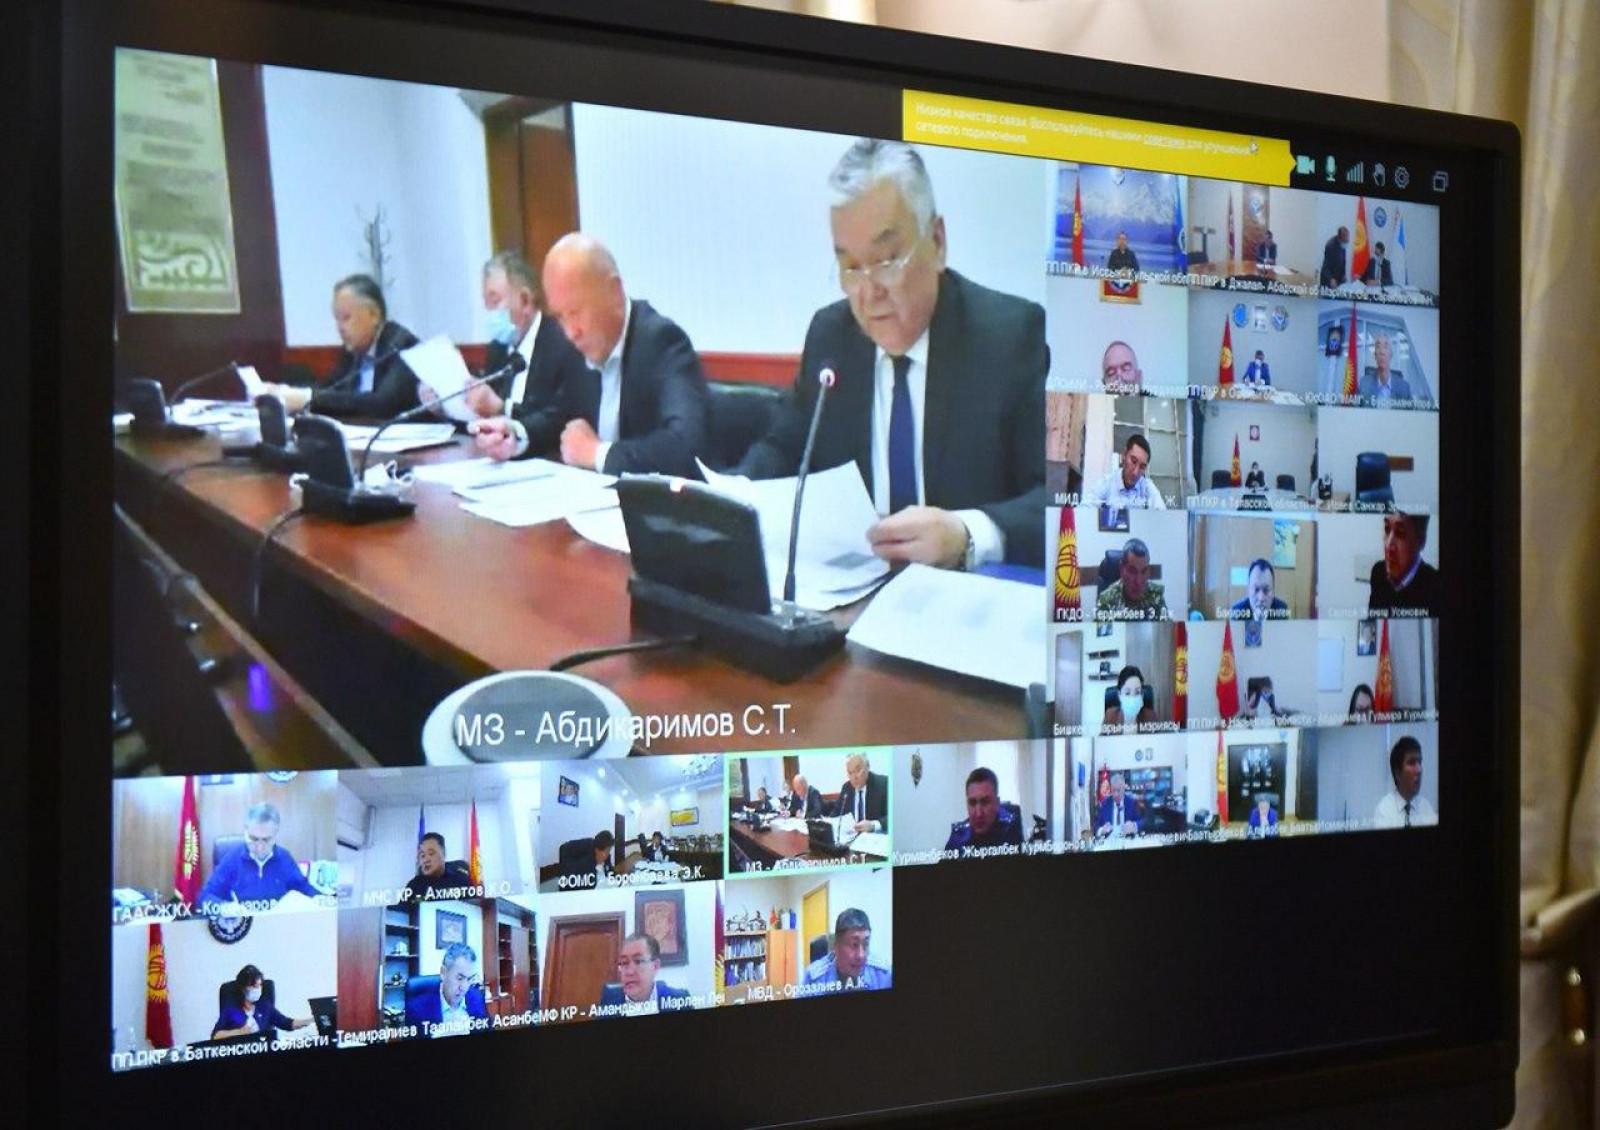 Республикалык штаб: 6-октябрдан тарта 1-6-класстын окуучулары салтуу түрдө мектептерде окуй баштайт